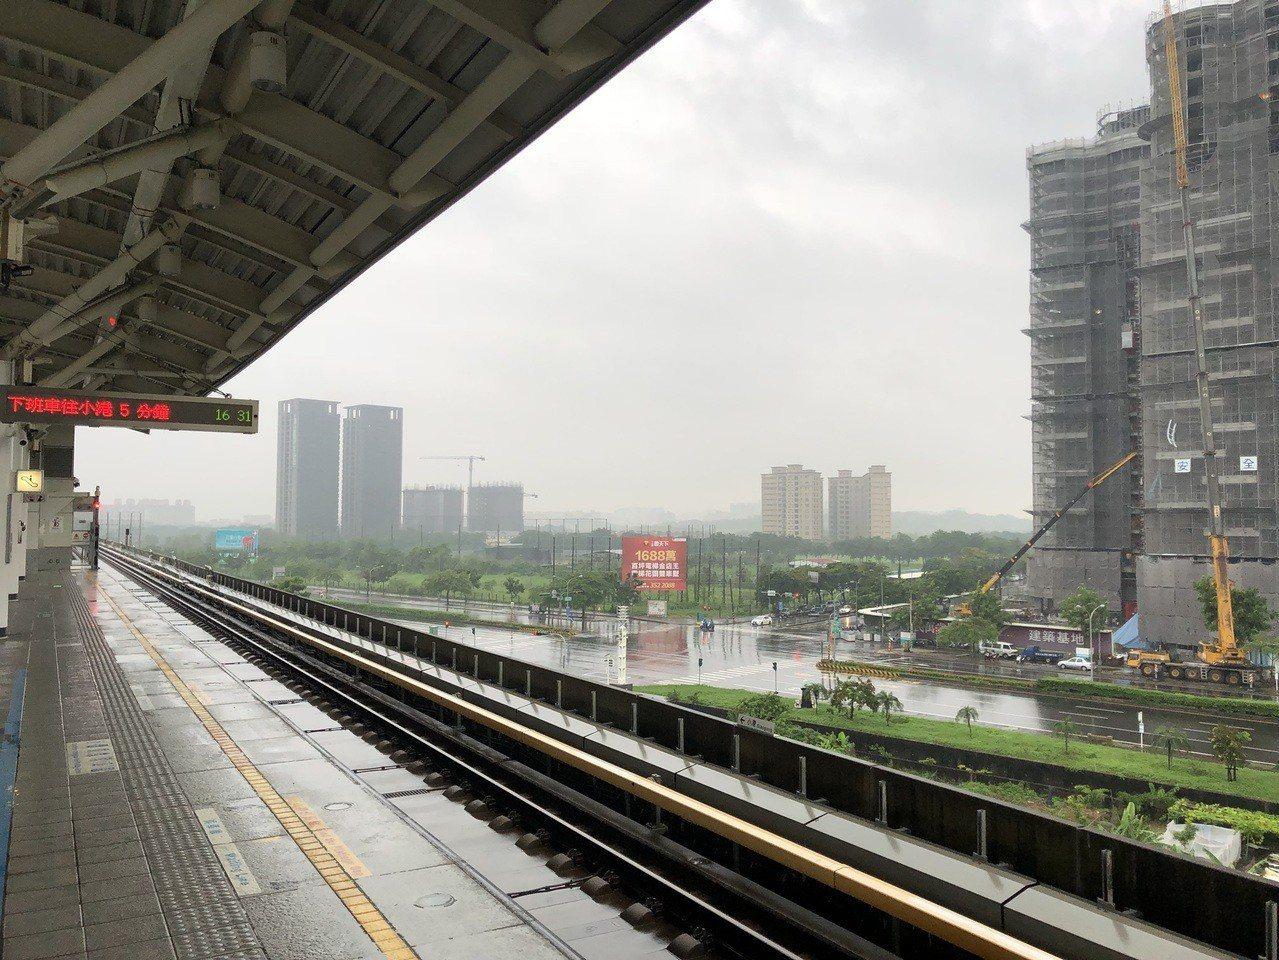 高雄捷運R22青埔站屬於高架車站,雨勢會隨屋簷落下。記者蔡孟妤/翻攝